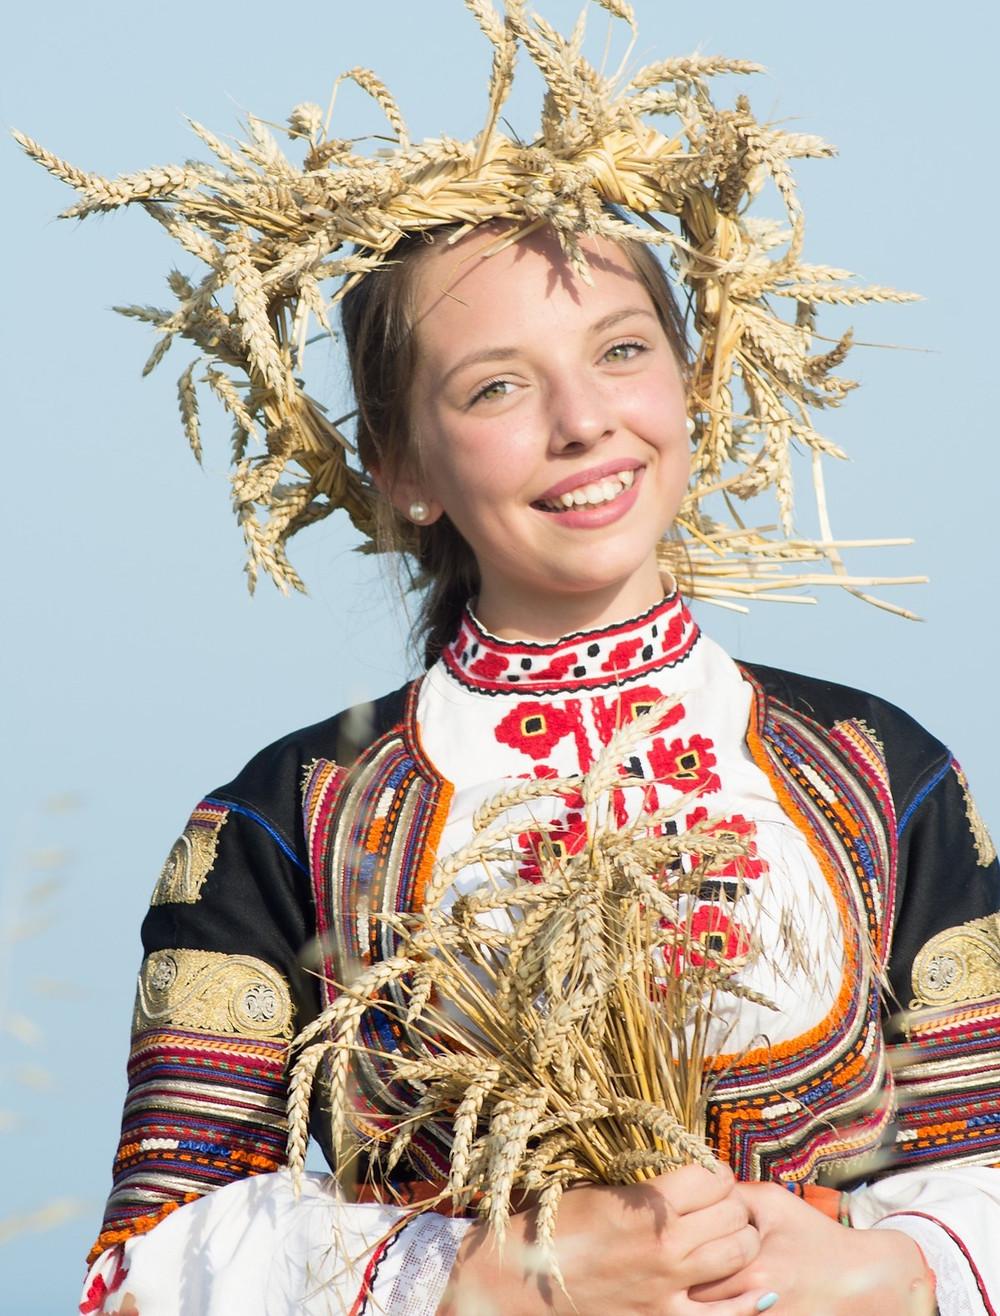 נערה בולגריה בתלבושת מסורתית